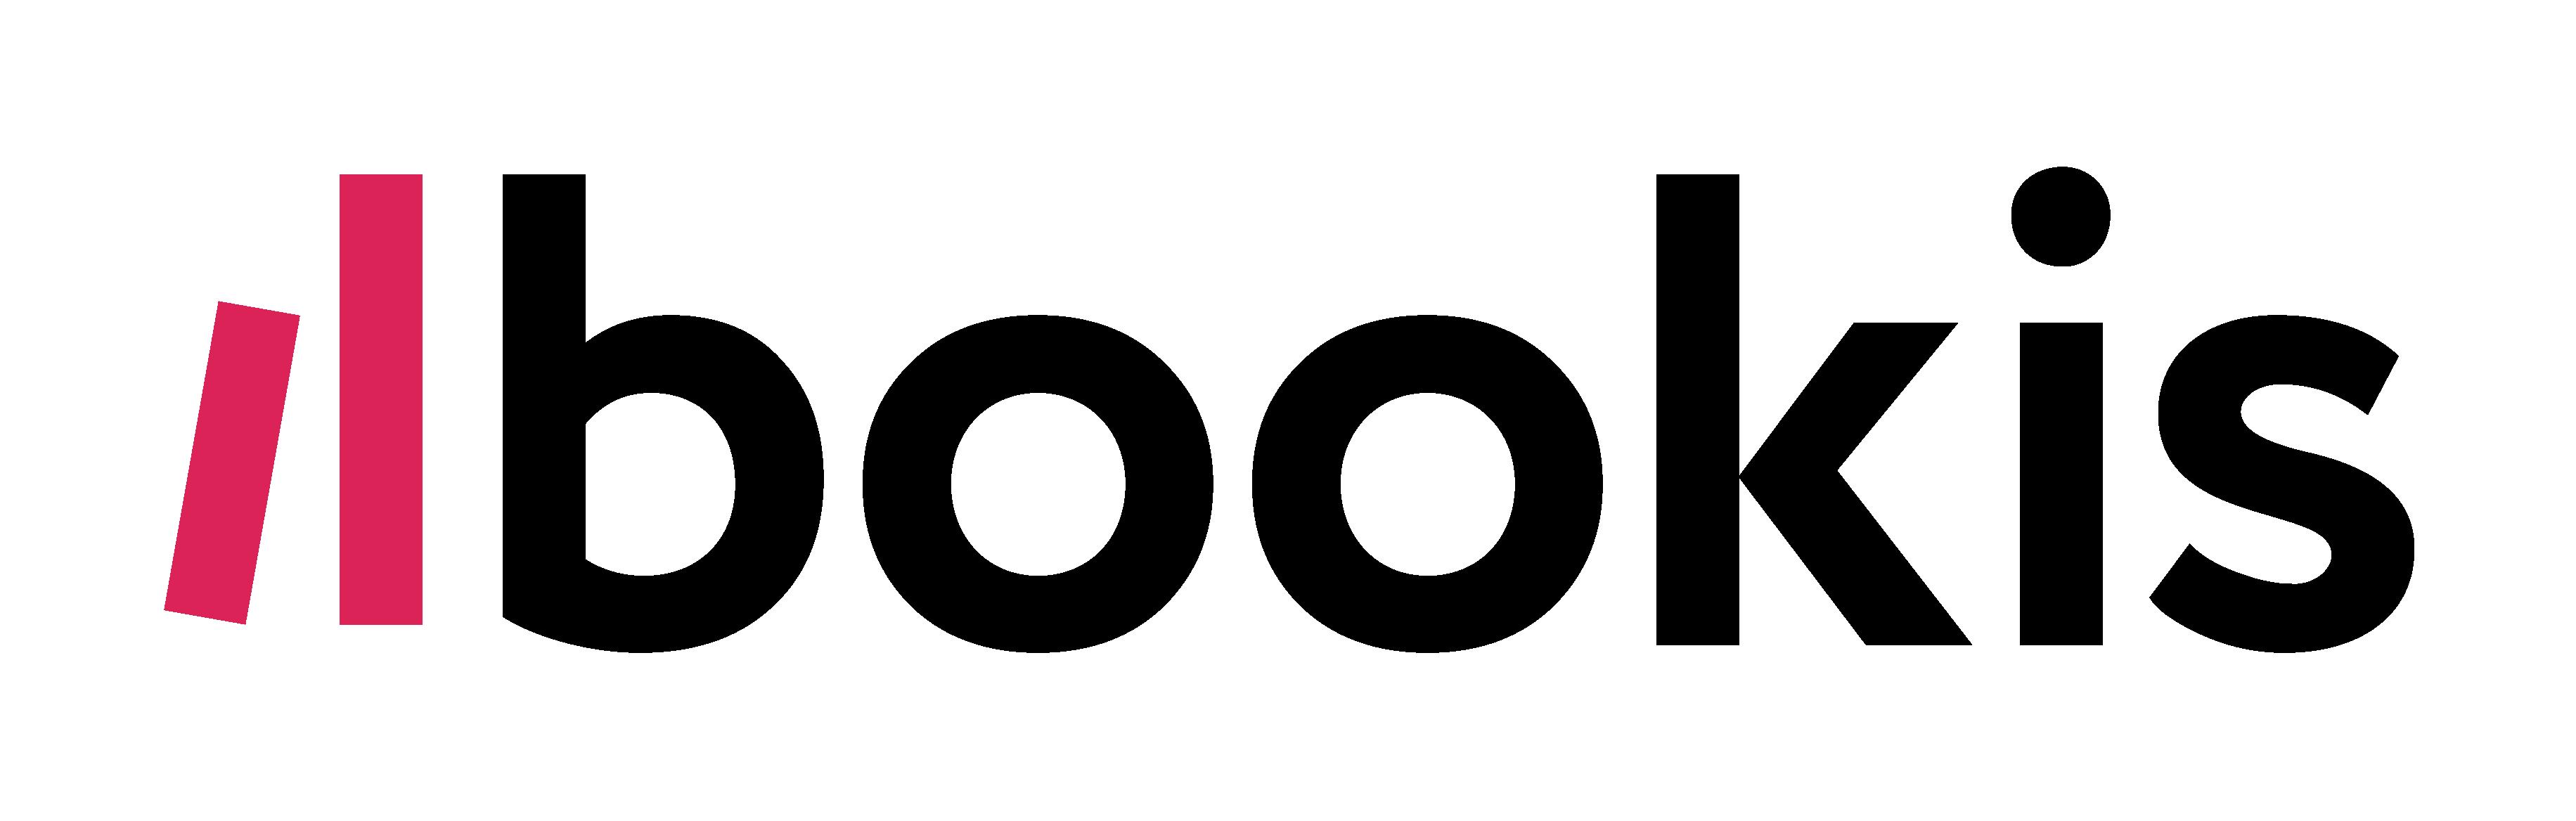 Bookis logo 8x